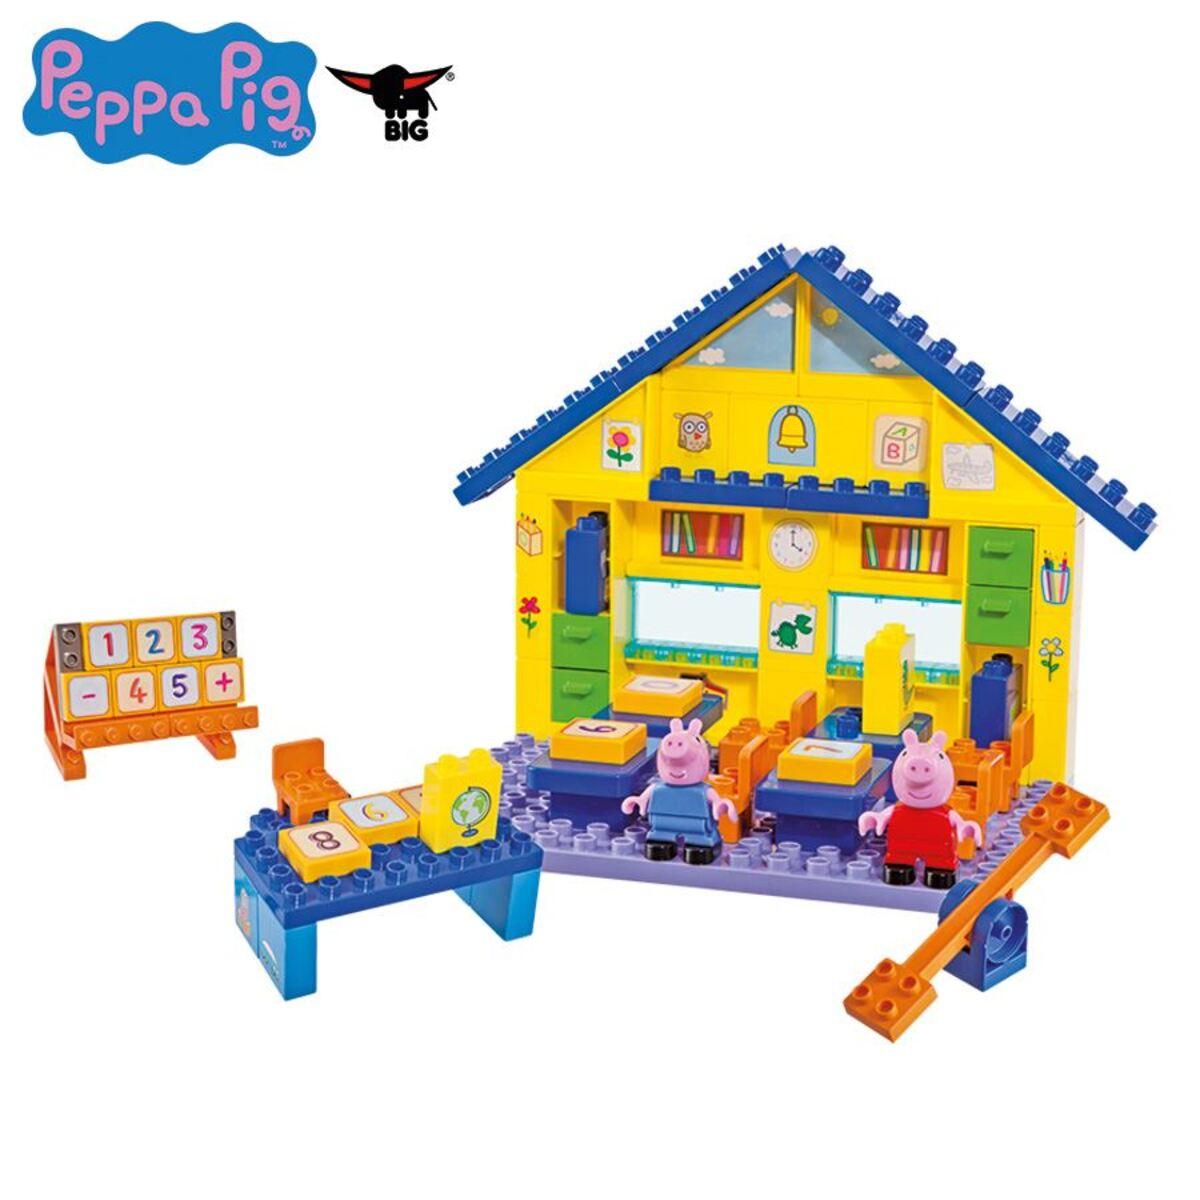 Bild 1 von BIG Bloxx Peppa Pig School Construction-Set 87-teilig